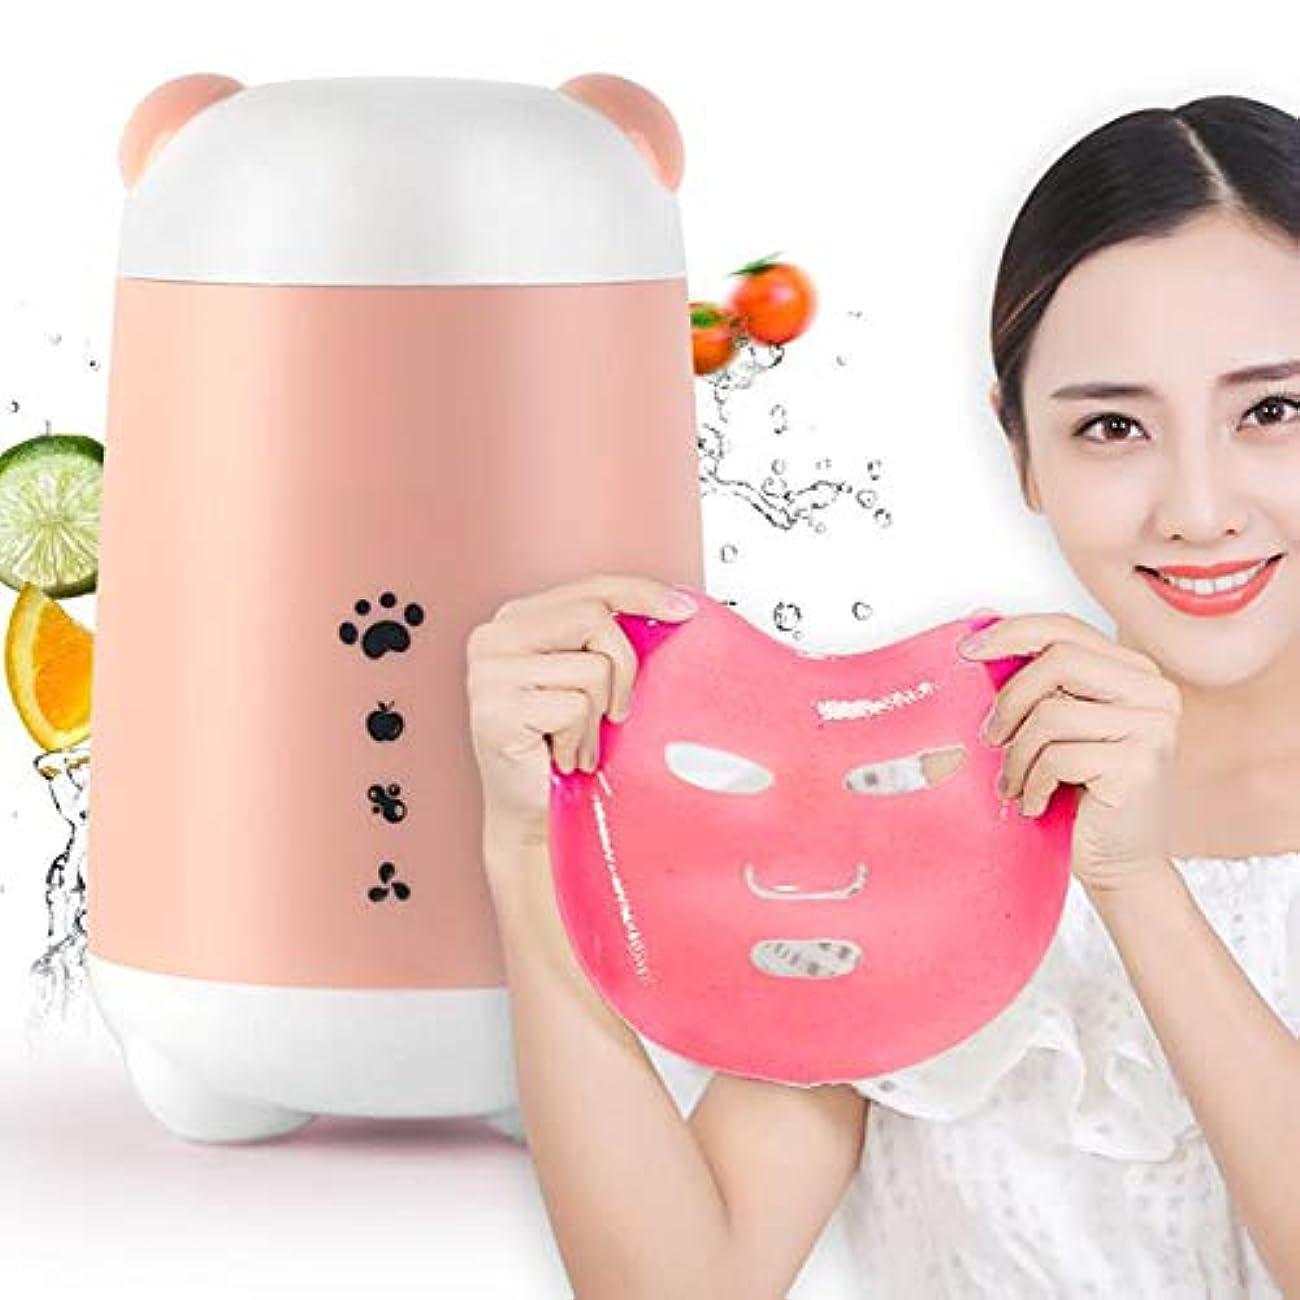 いとこ国旗解釈的フルーツと野菜のマスクを作るマシン、顔のスチーマー完全自動音声プロンプトDIY自家製の自然美容機器,Pink